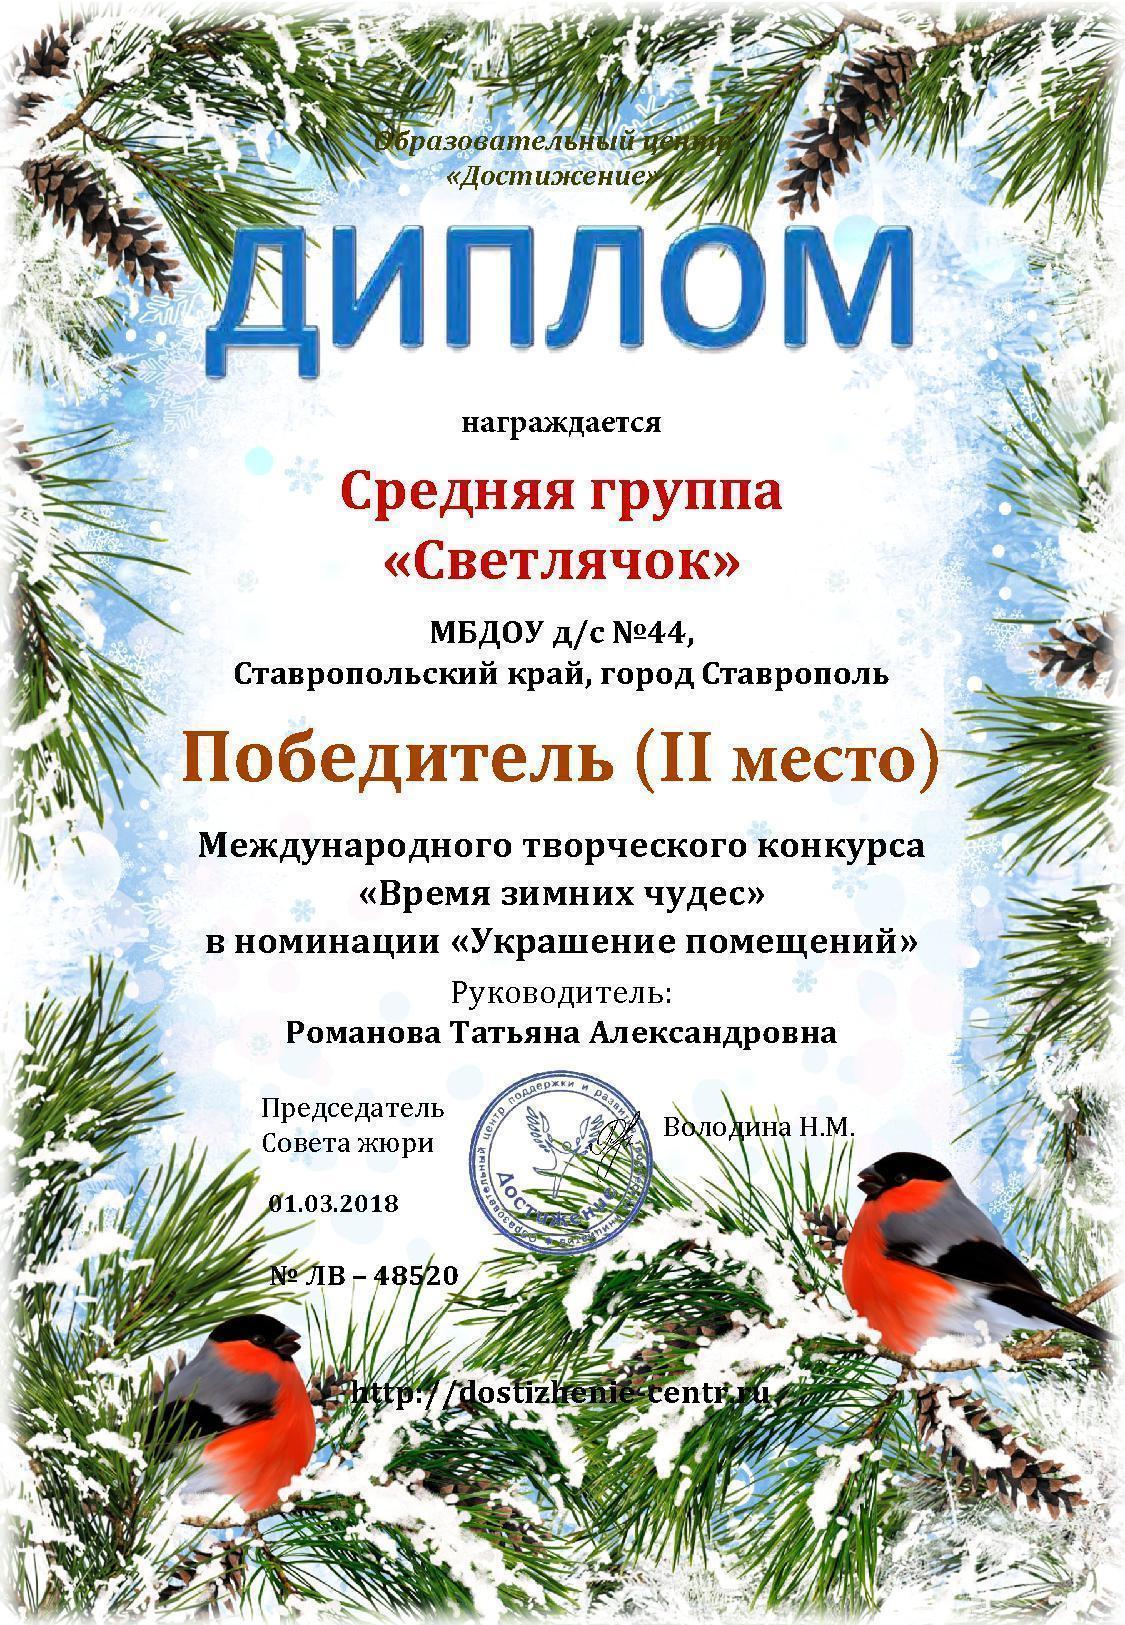 Средняя группа «Светлячок» г. Ставрополь